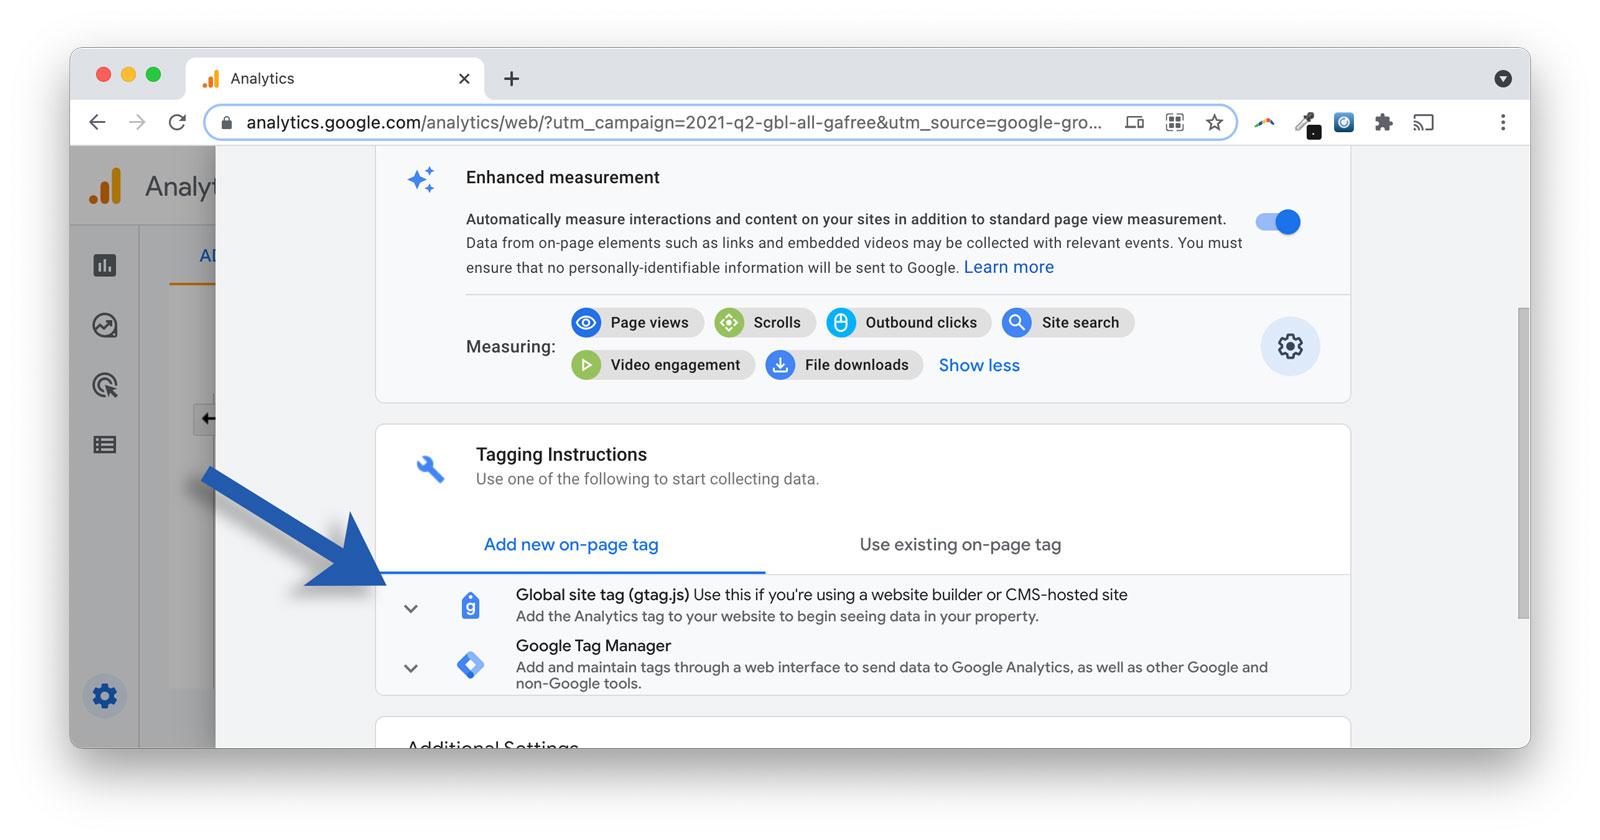 google analytics 4 screenshot-5